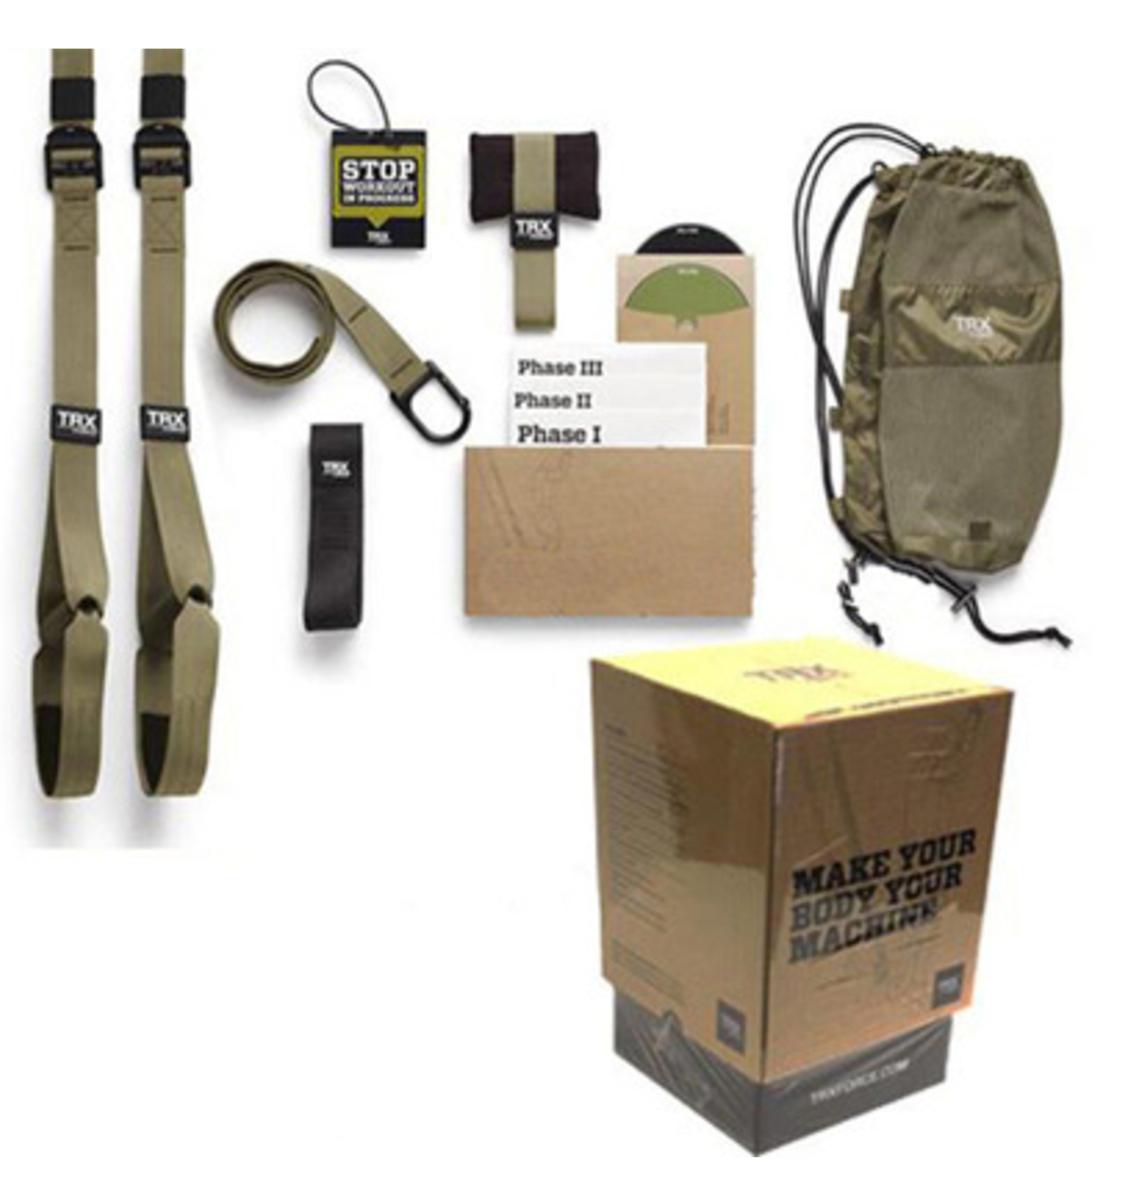 TRX懸掛式可隨處吊掛使用軍用健身訓練帶核心訓練肌力訓練多功能全身訓練懸吊繩軍綠色軍用版精裝和包裝附教學CD與說明書